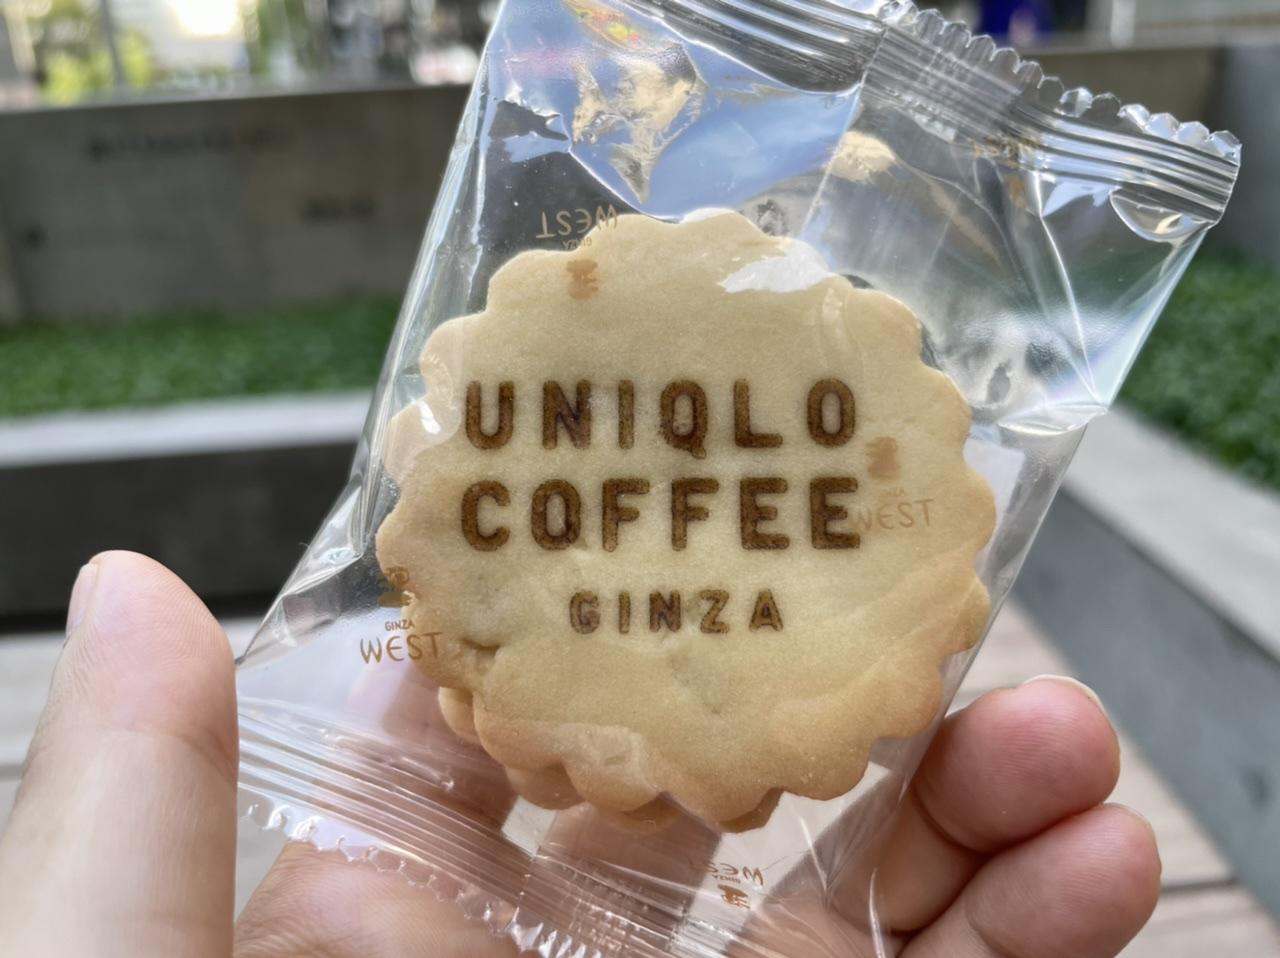 【ユニクロ】銀座のコーヒーブレイクに「ユニクロ」という選択肢を。《UNIQLO COFFEE 》@ユニクロ銀座店_7